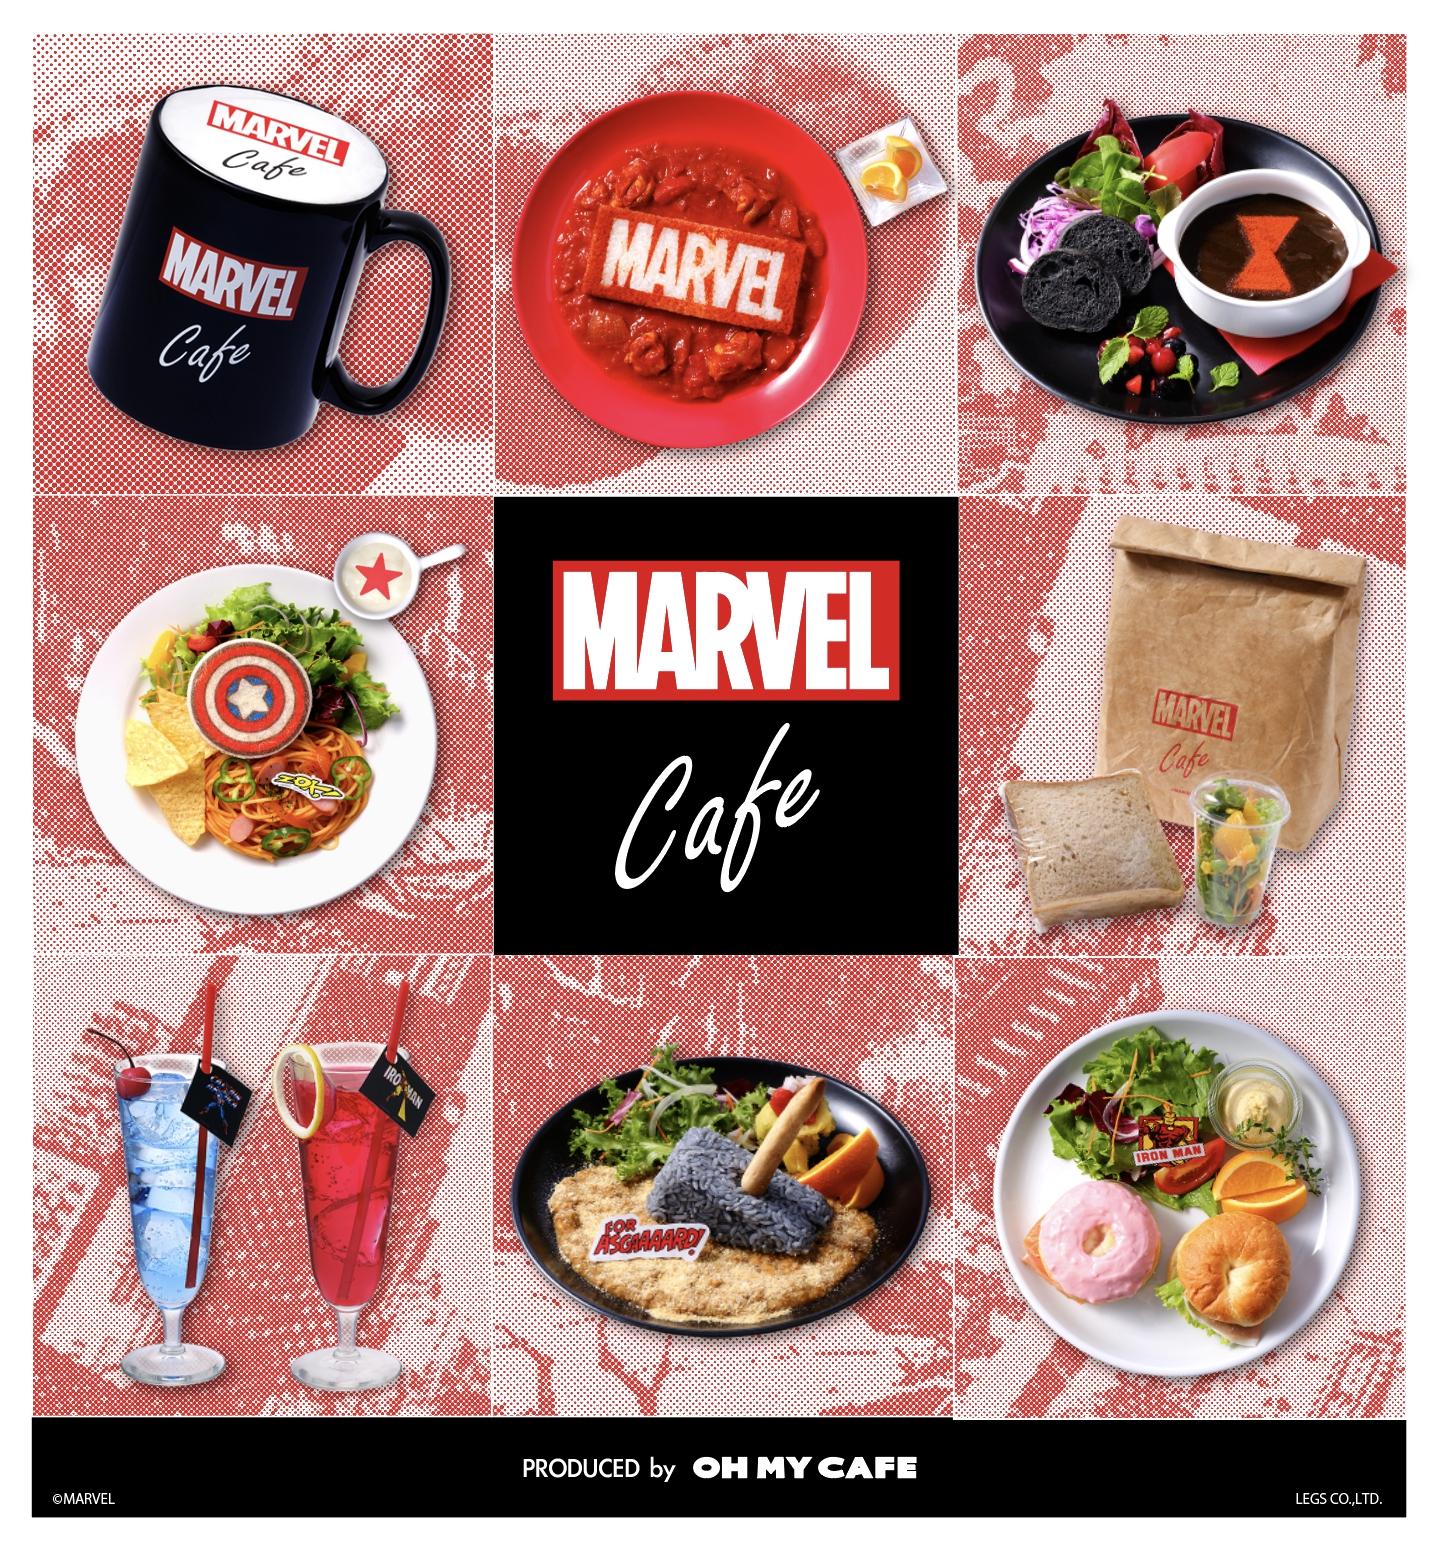 MARVEL CAFE in Tokyo 2020